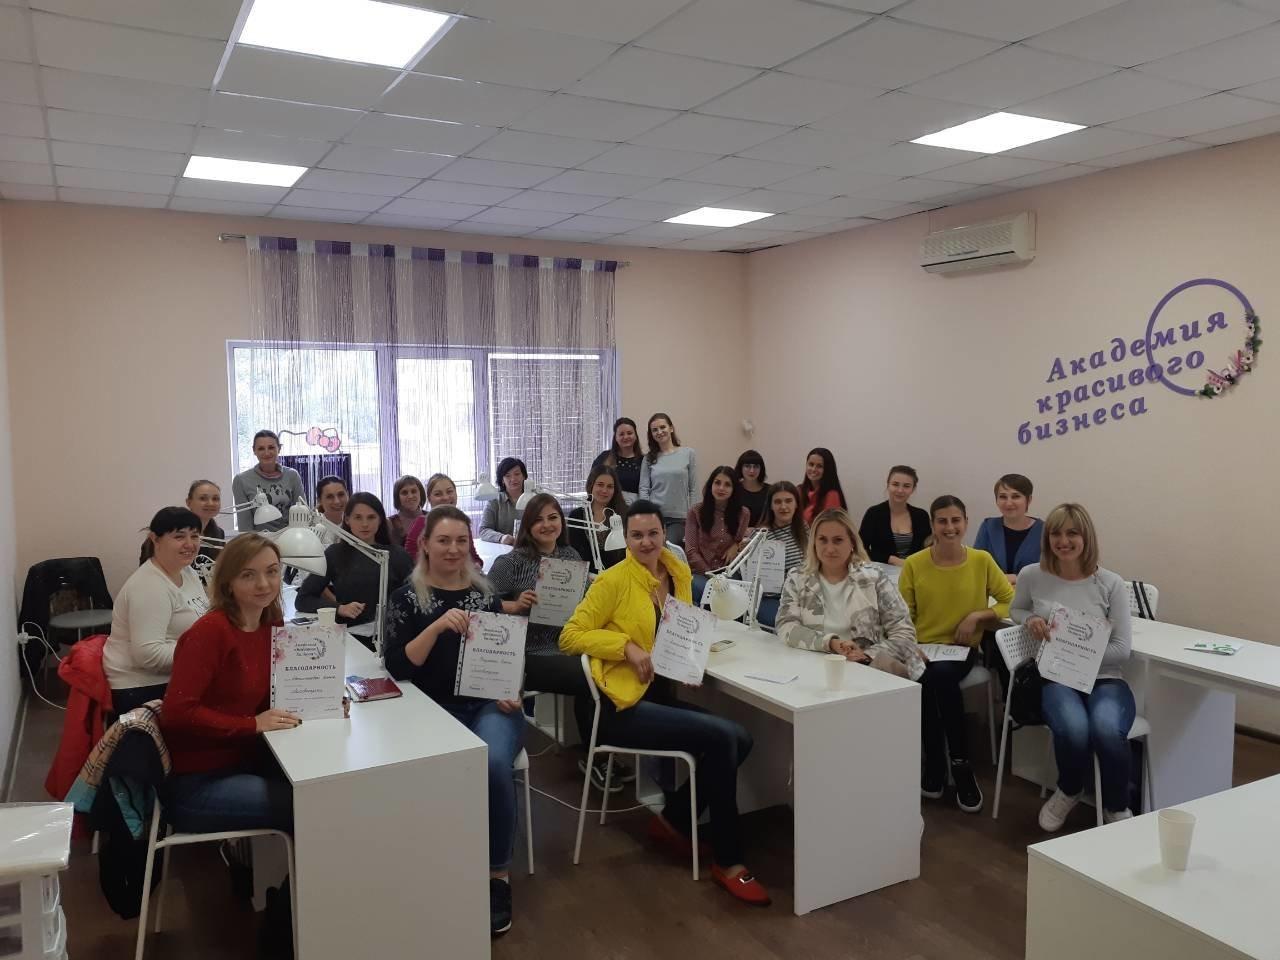 ТОП-5 образовательных курсов в Кривом Роге, фото-4